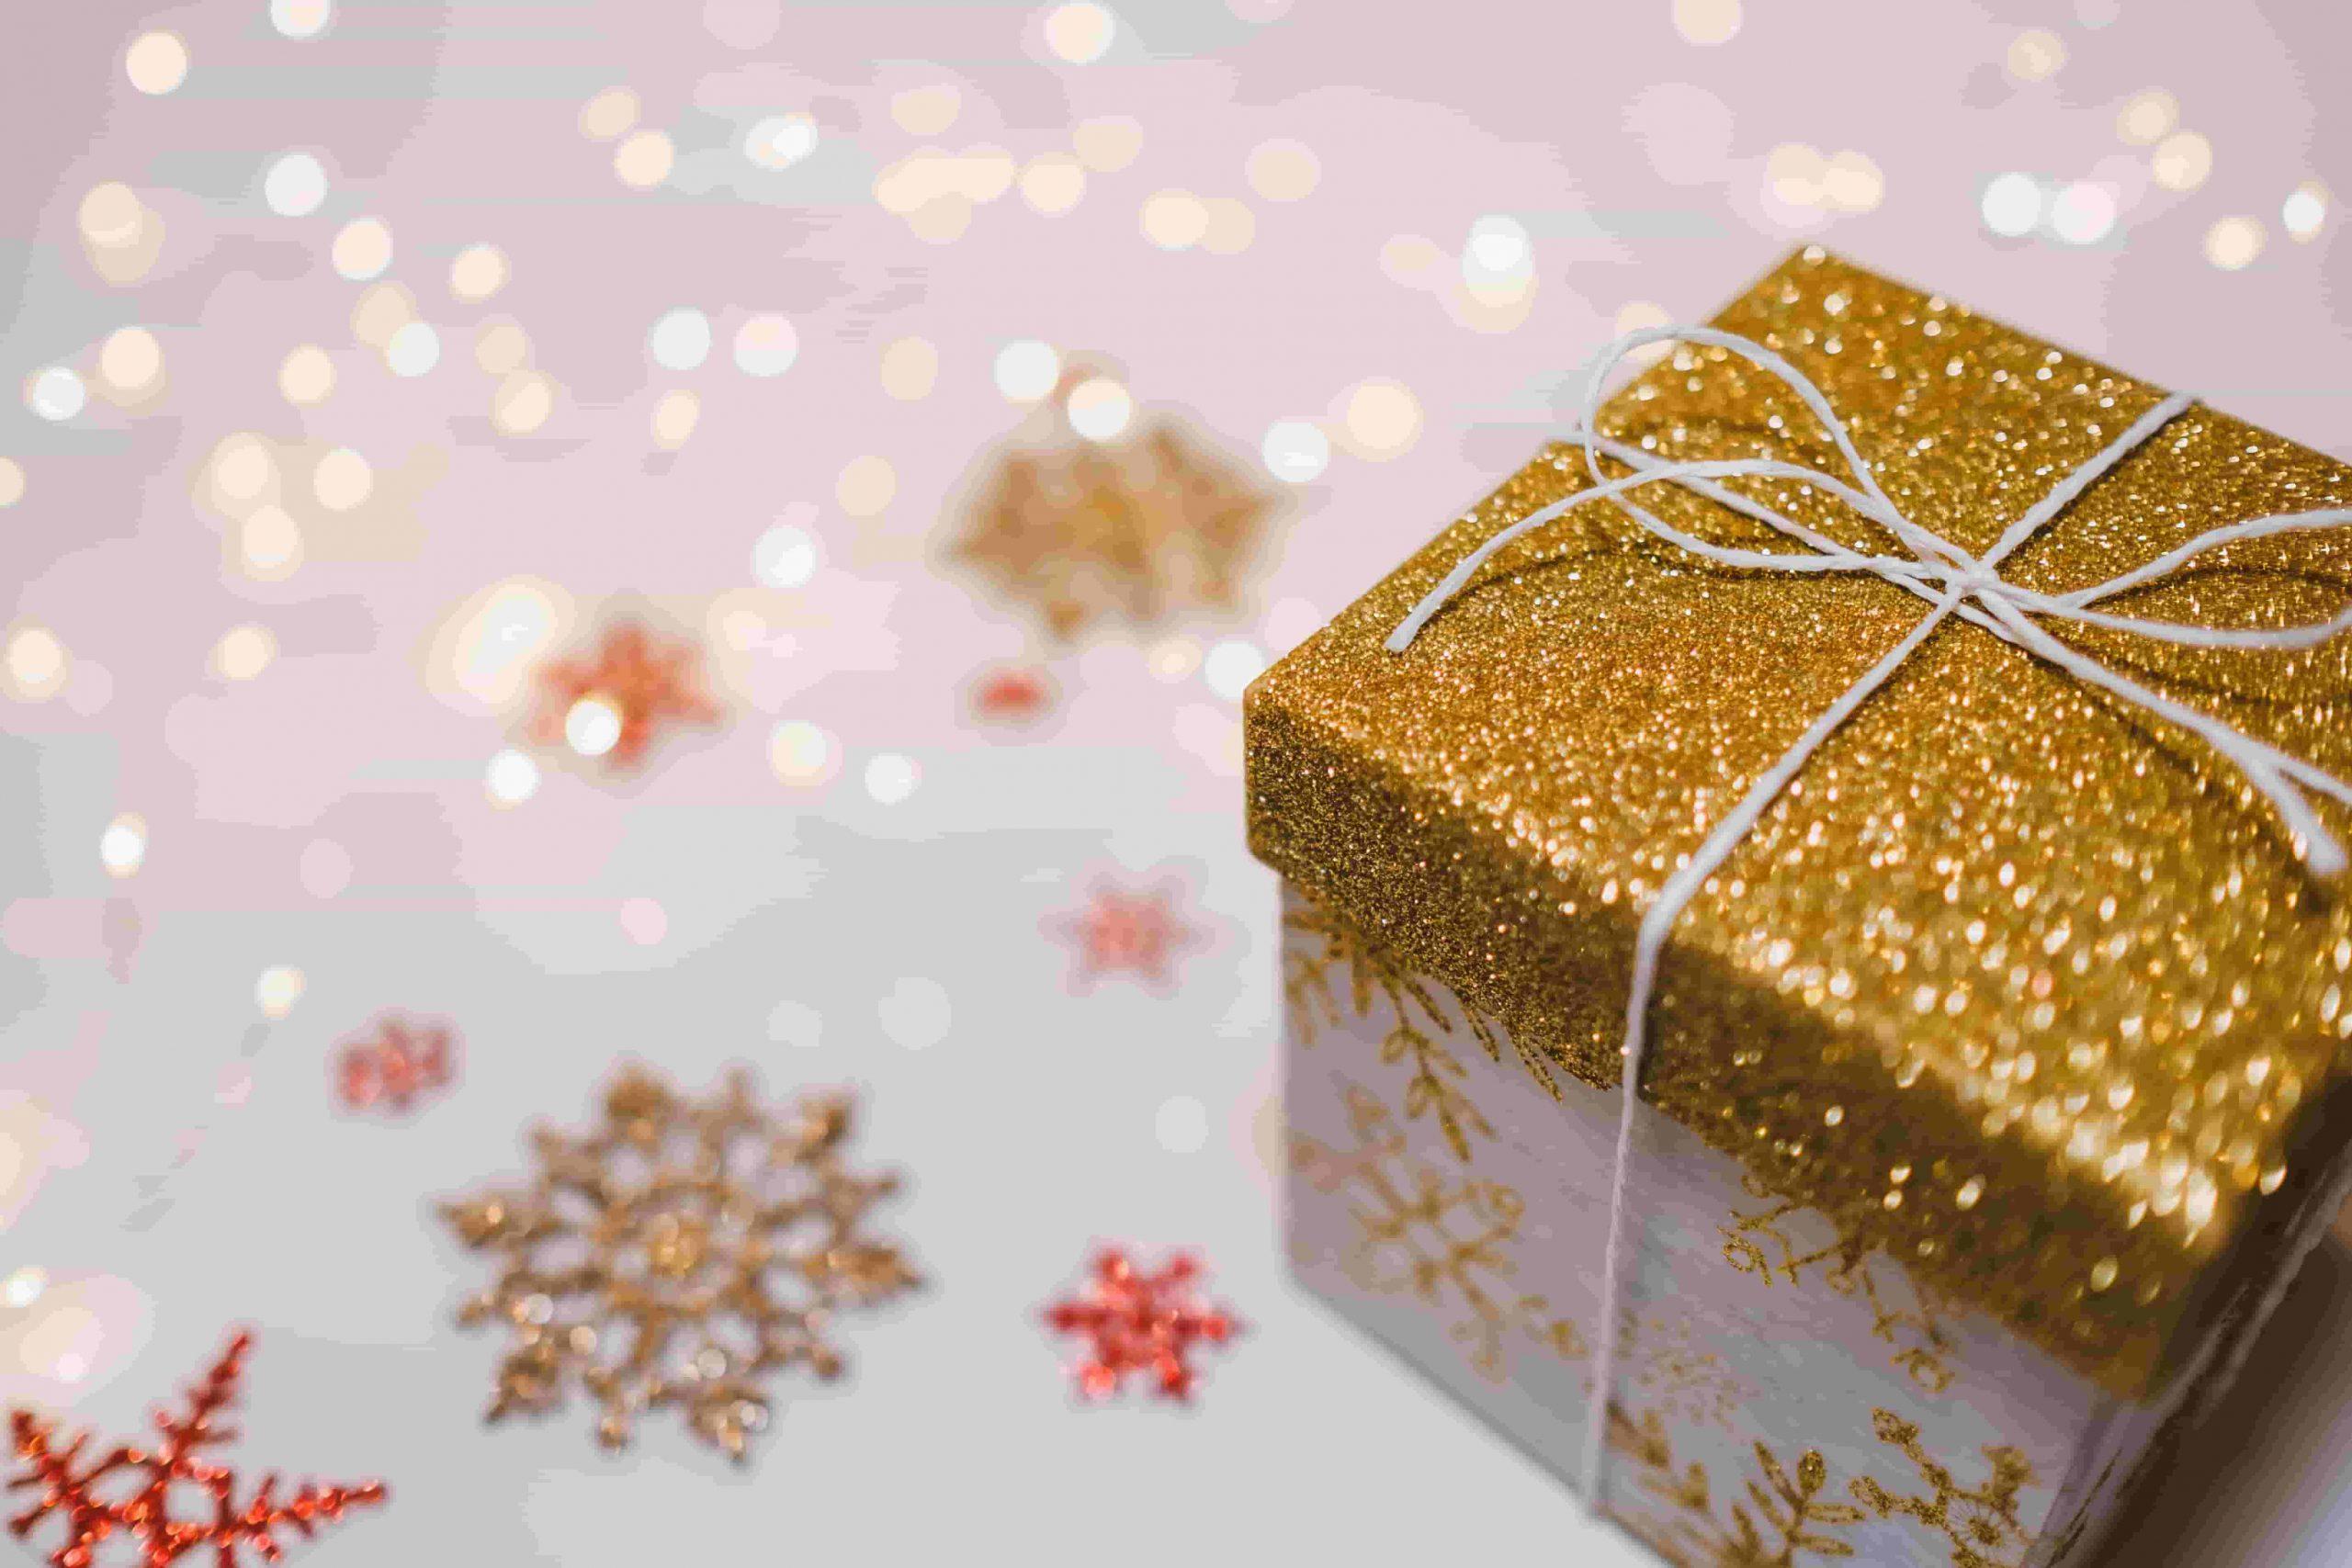 Eventi natalizi aziendali, il successo si nasconde nei dettagli